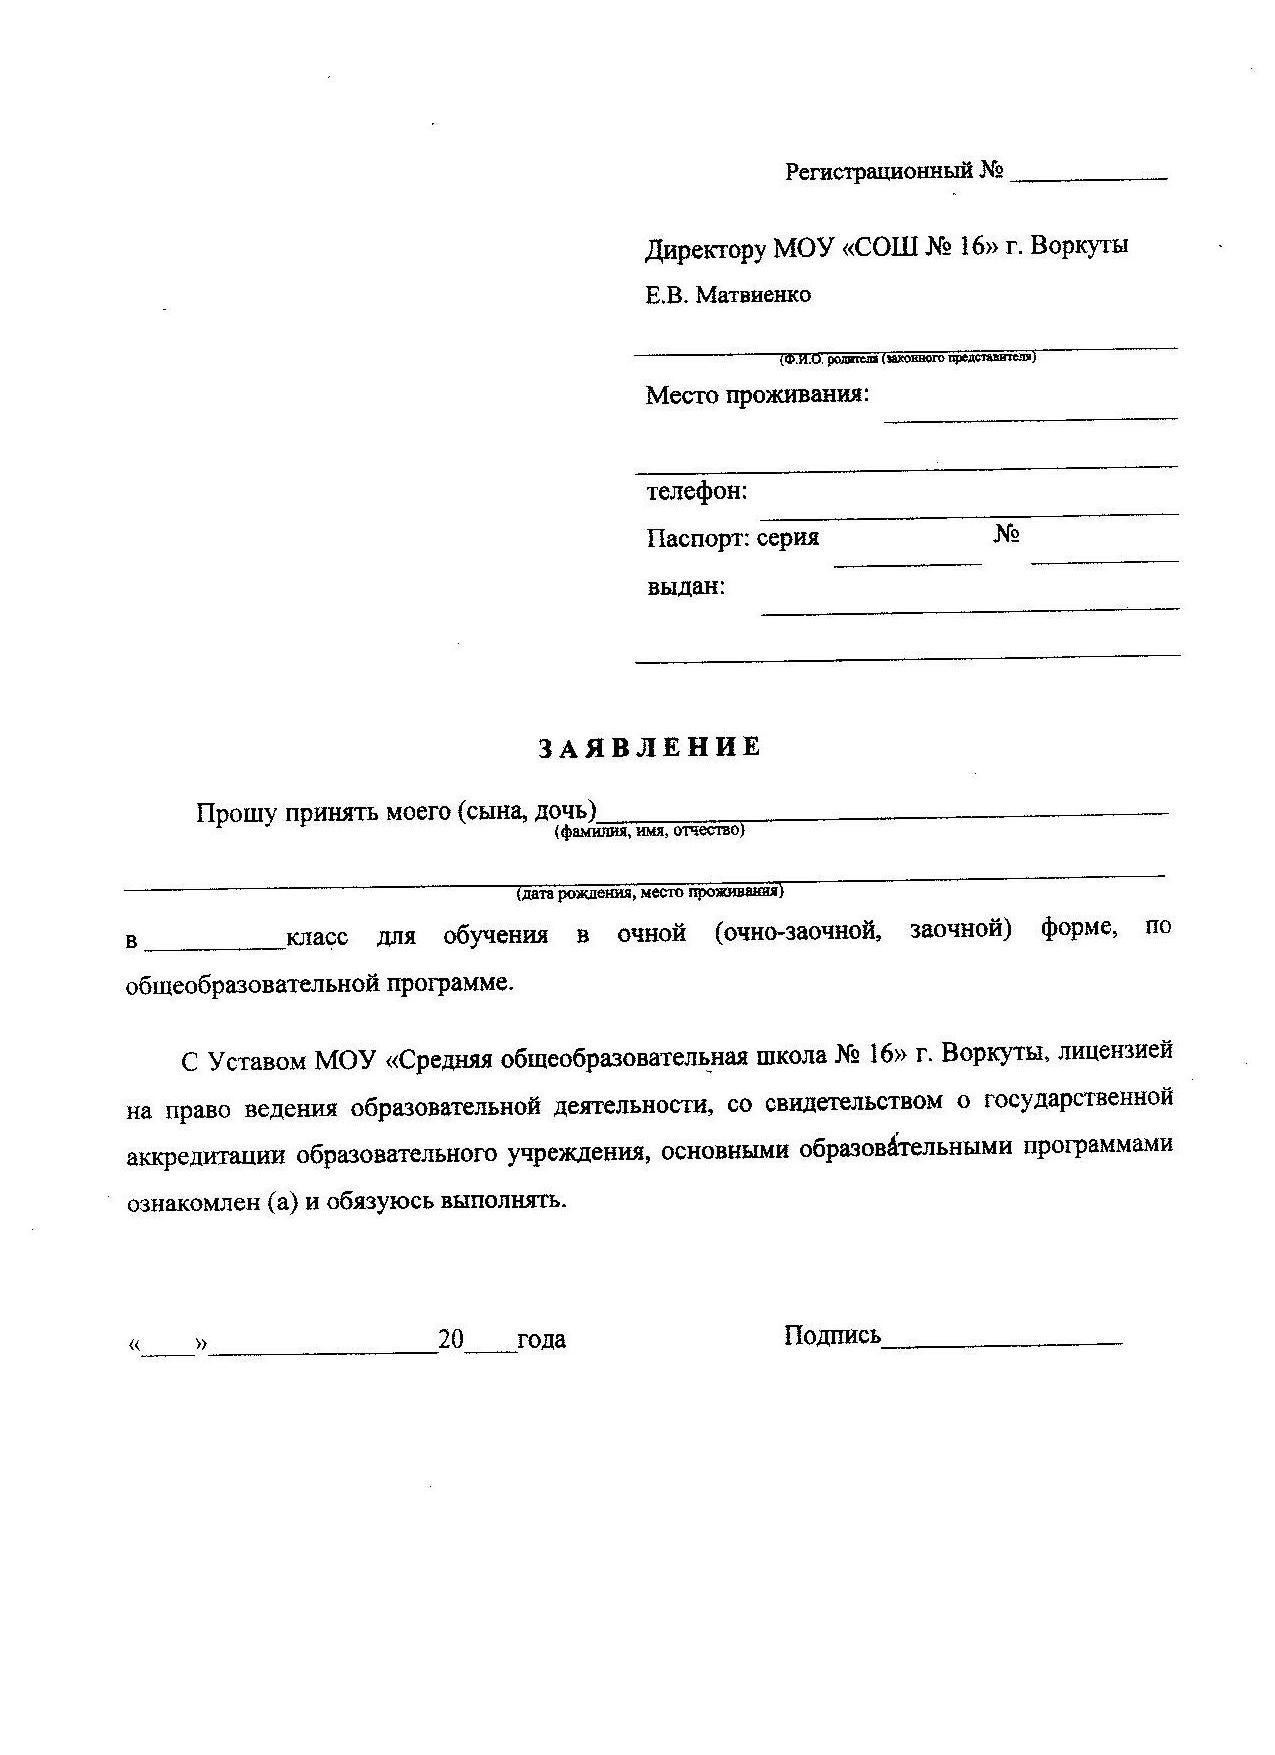 Заявление о приеме на работу образец заполнения 2016 скачать бесплатно - 8d